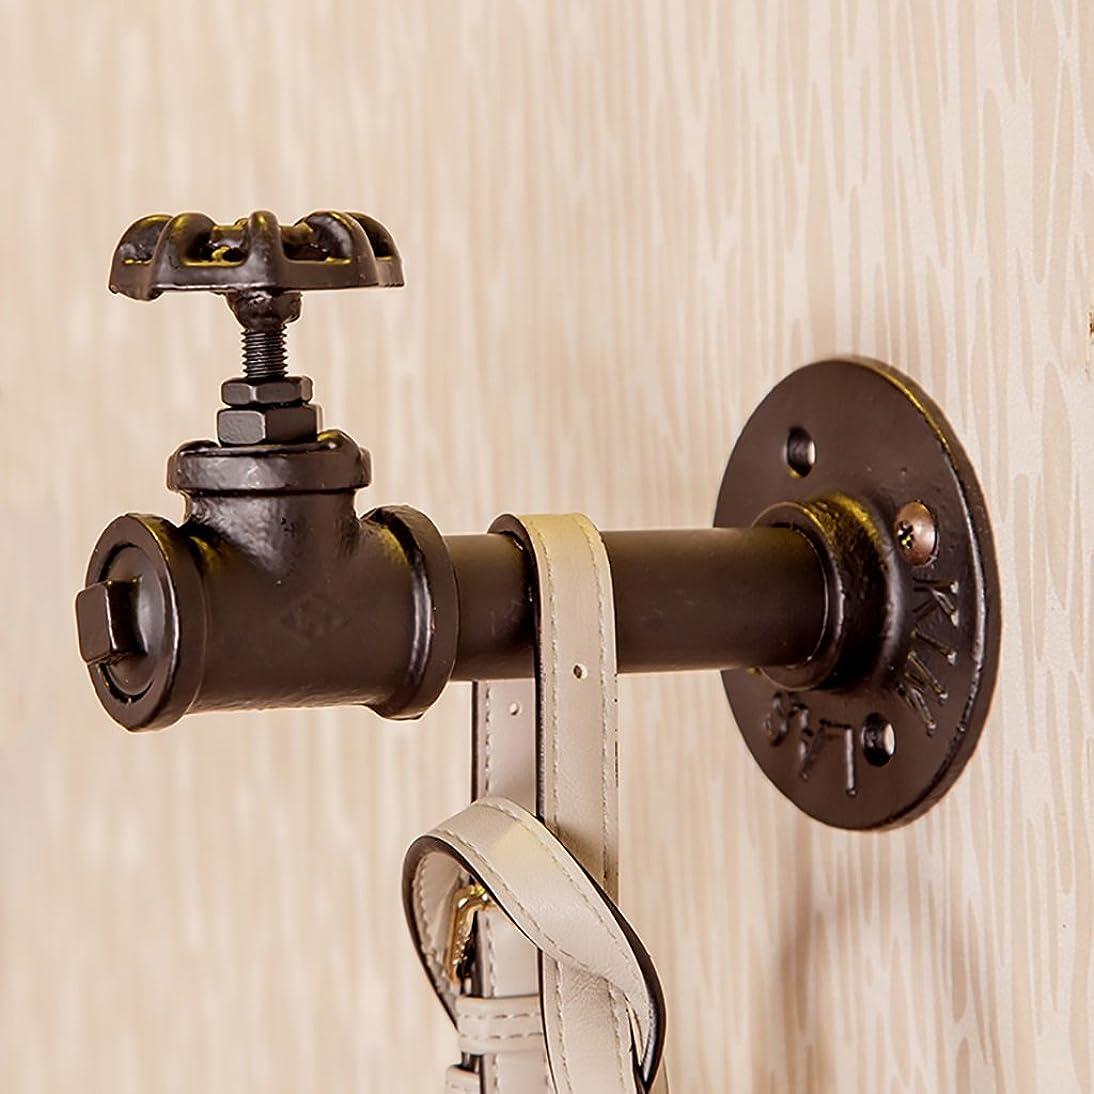 ぐるぐるクローンキリンコート洋服ラック レトロスタイルの壁ハンガーコート帽子ラックフックホームベッドルームの芸術の装飾 (Color : 2)